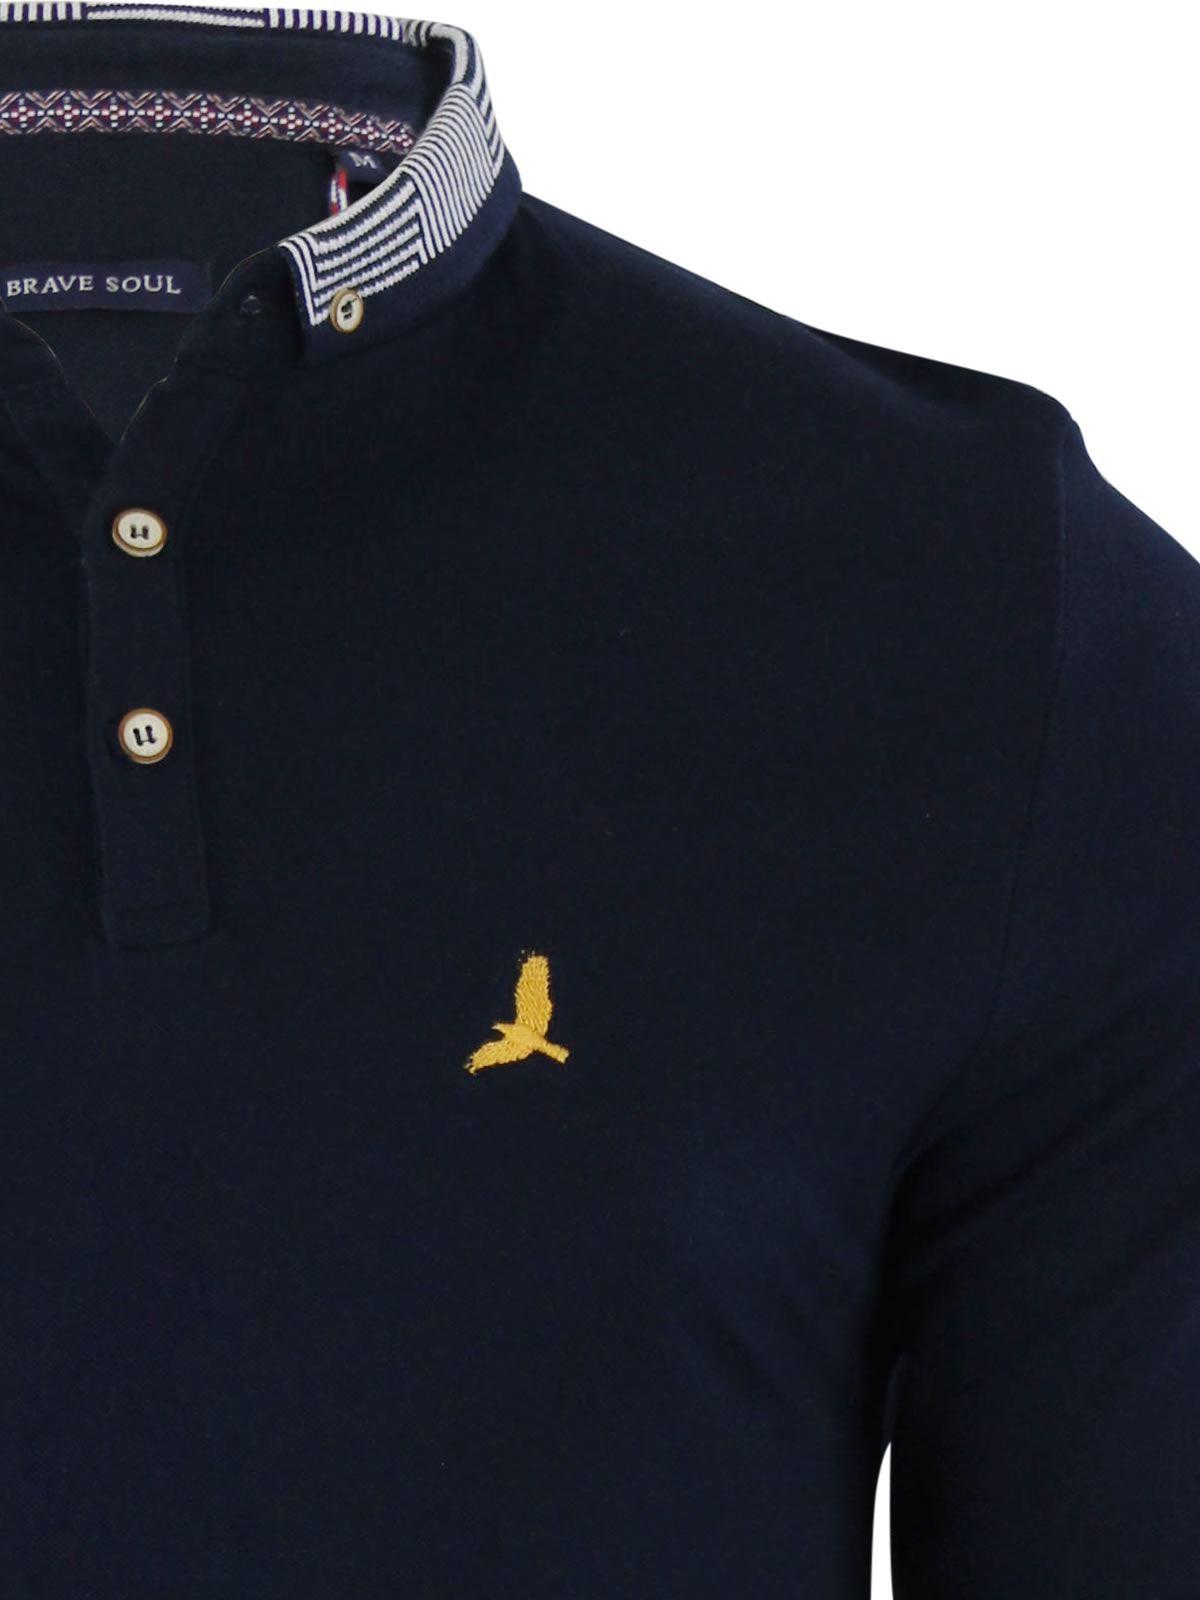 Brave-Soul-Polo-Homme-a-Manches-Longues-A-Col-Haut-Dans-Divers-Styles miniature 104